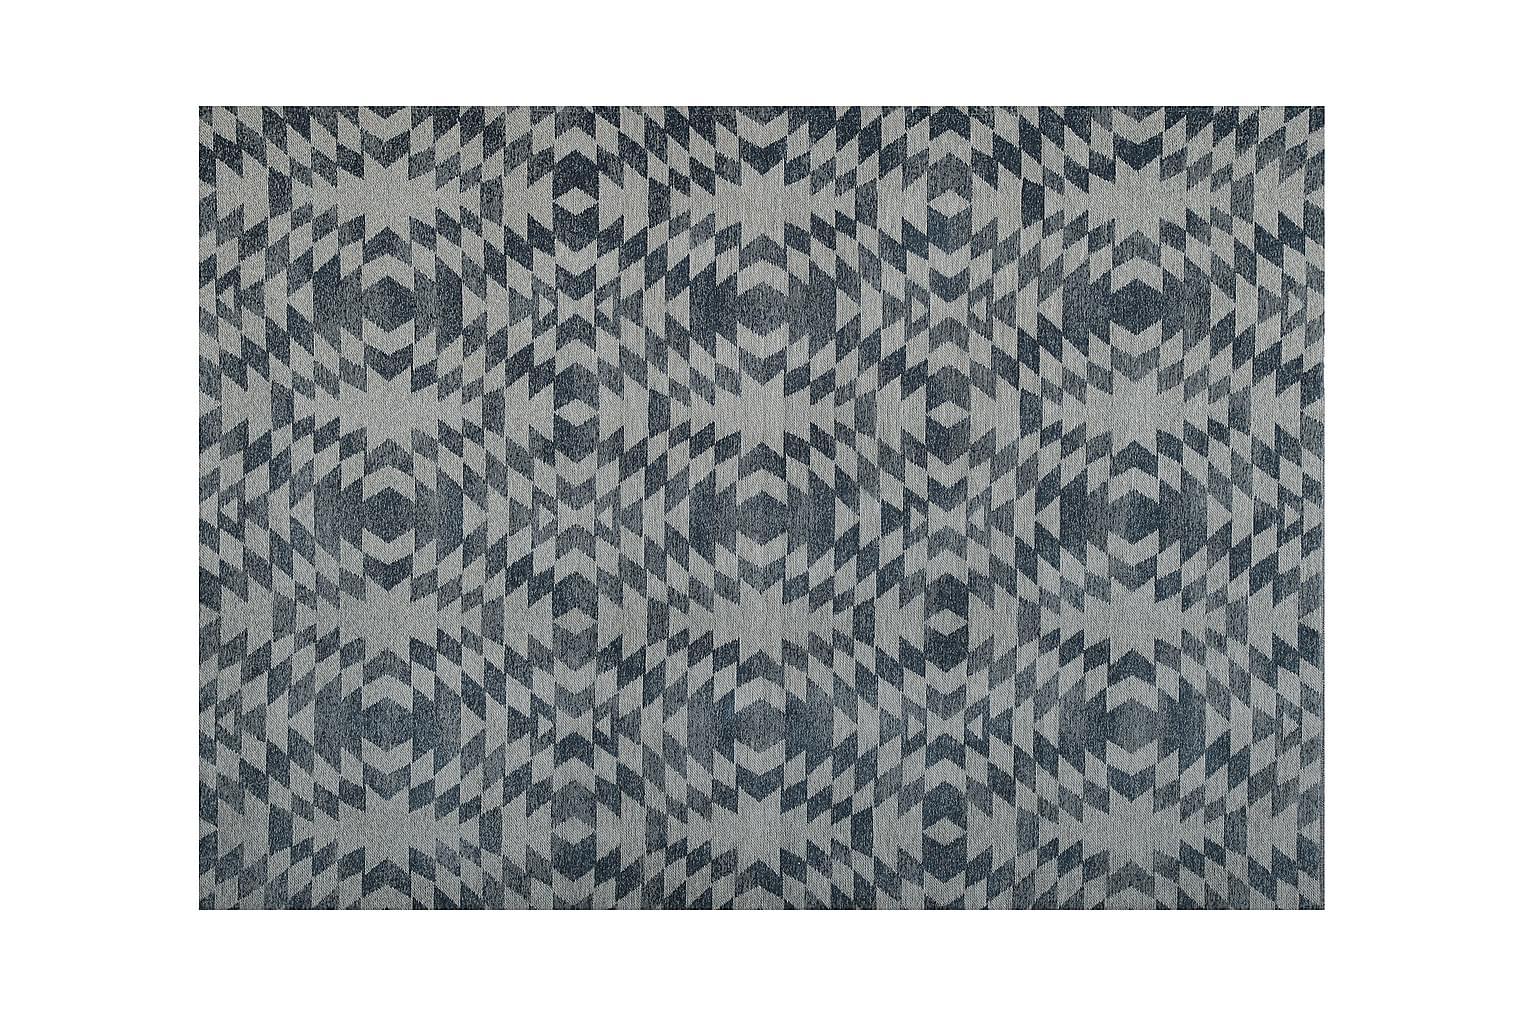 PANAMA Matto 160x230 Sininen